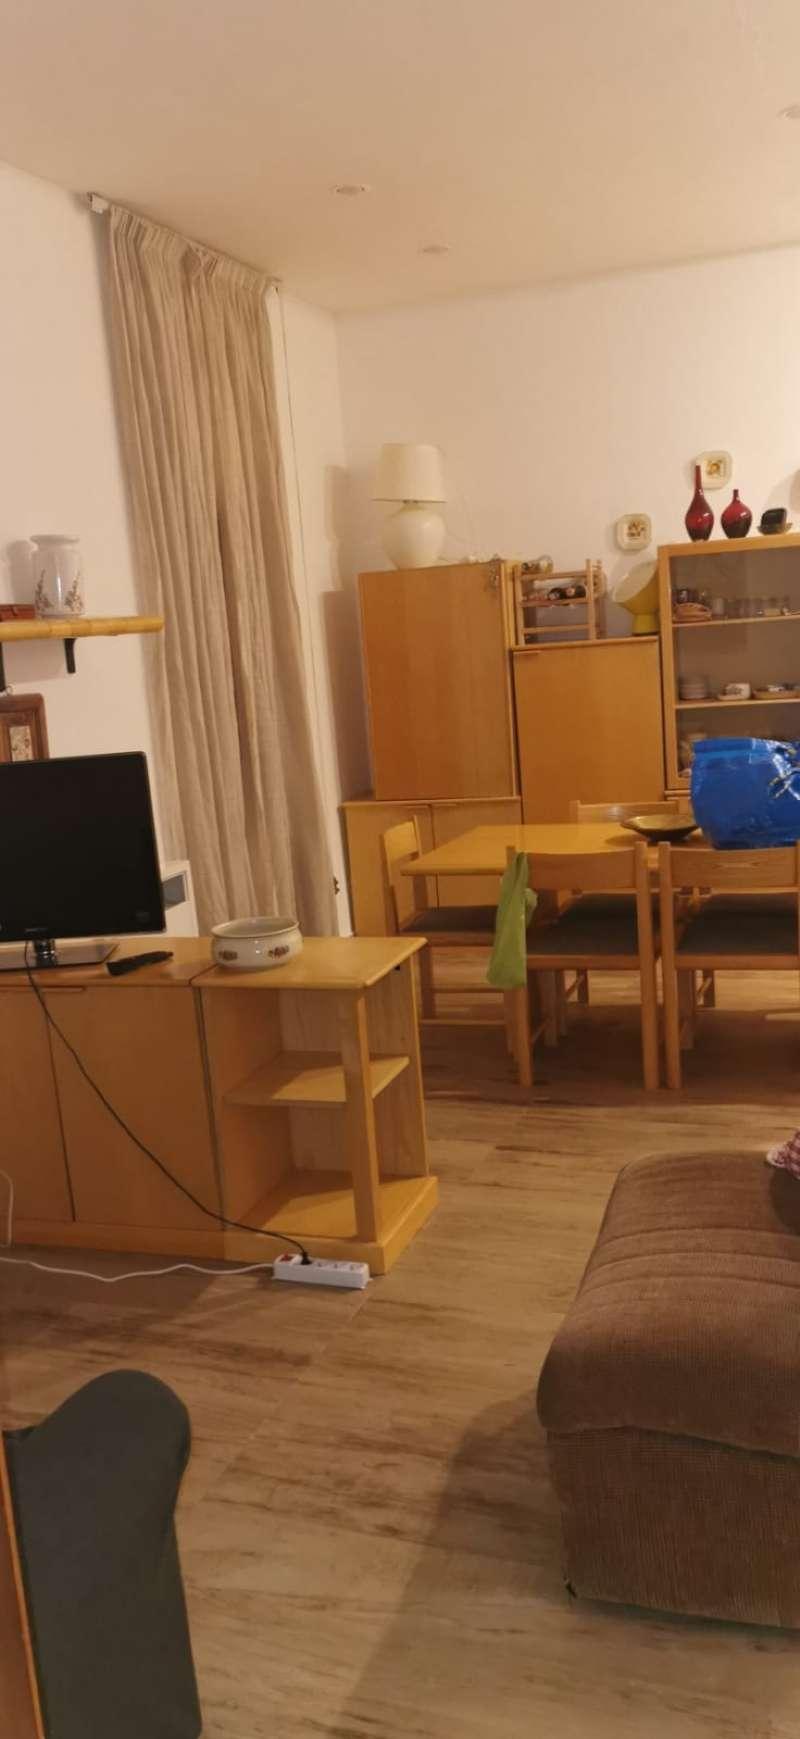 Appartamento in vendita a Roccaraso, 2 locali, prezzo € 170.000 | CambioCasa.it